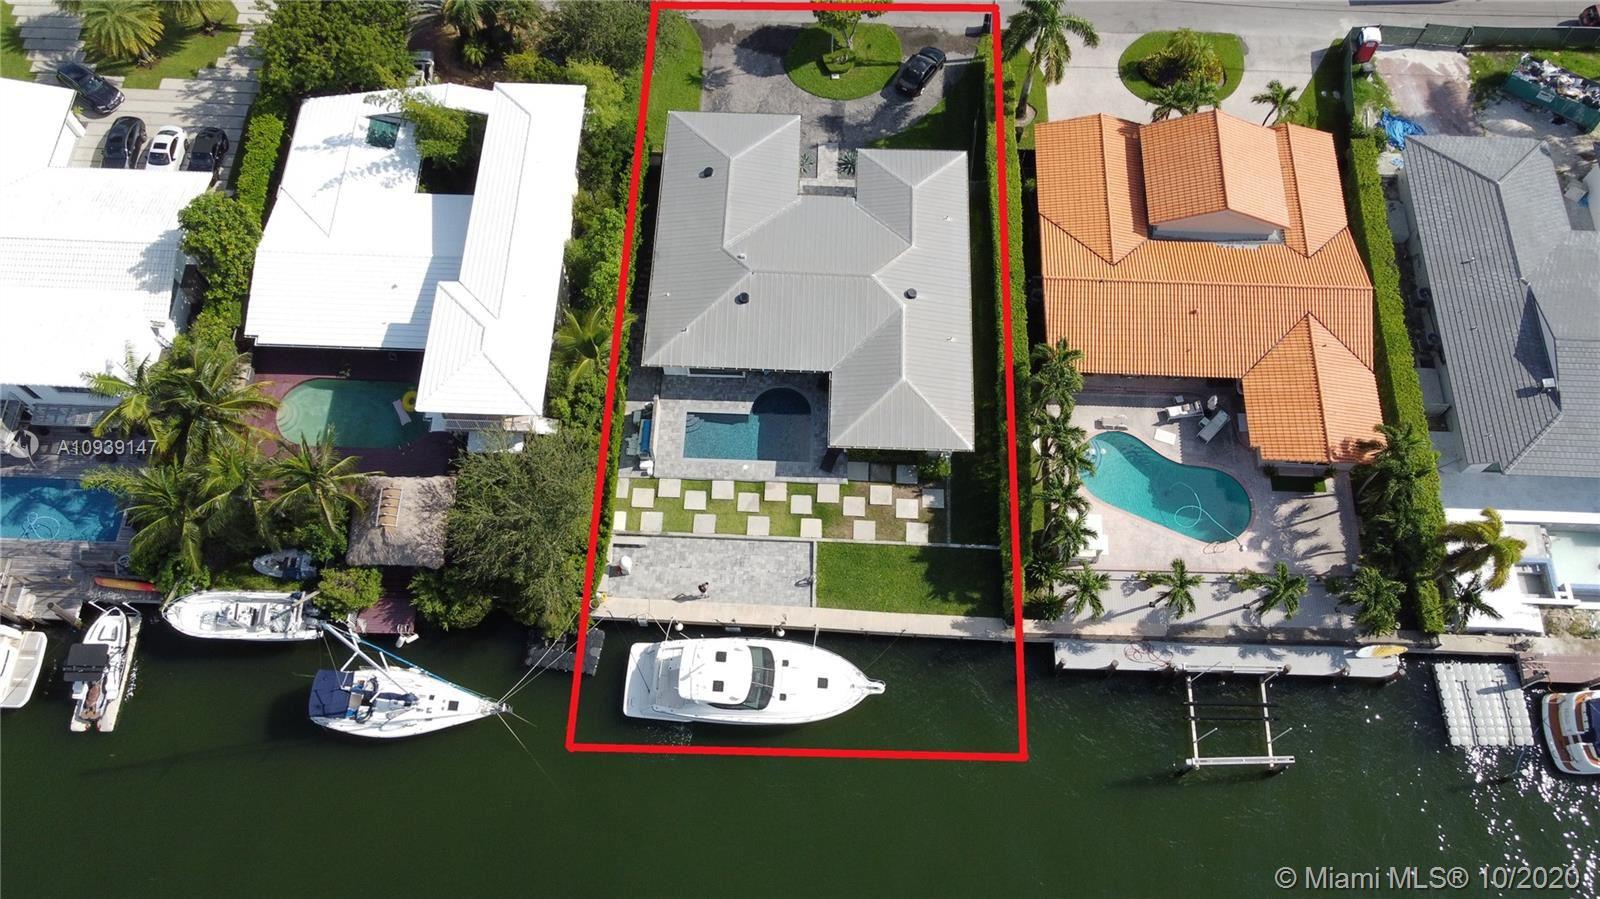 2062 NE 121st Rd, North Miami, FL 33181 - #: A10939147